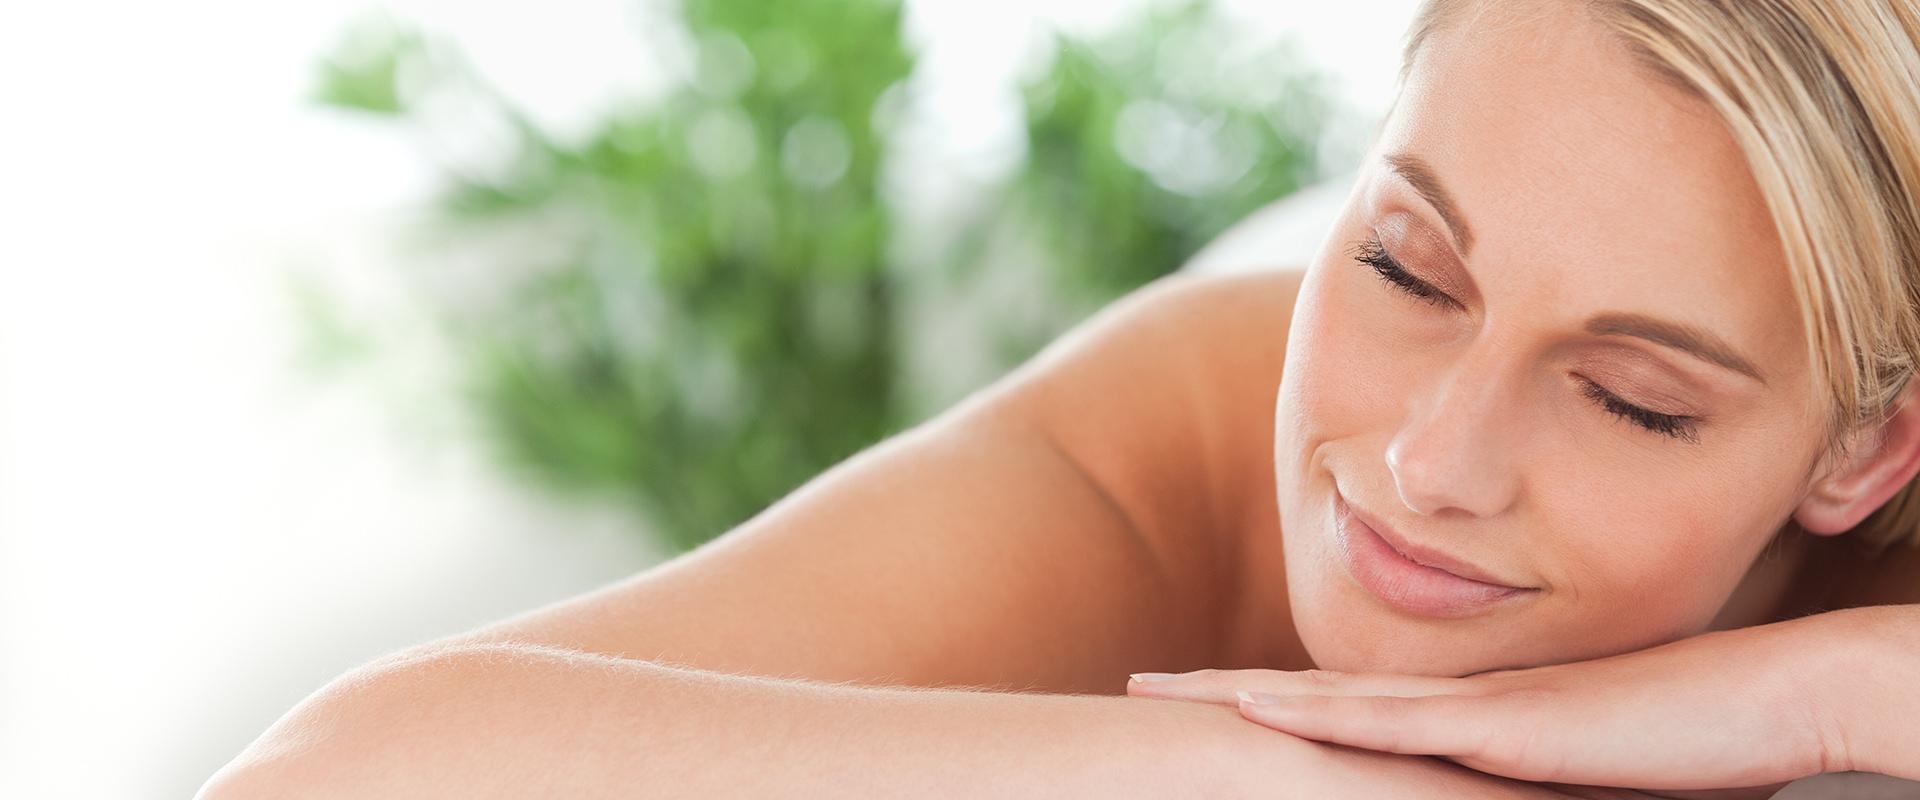 Foto van een ontspannen vrouw met haar ogen dicht - Optimassage: massages op locatie voor bedrijven en particulieren